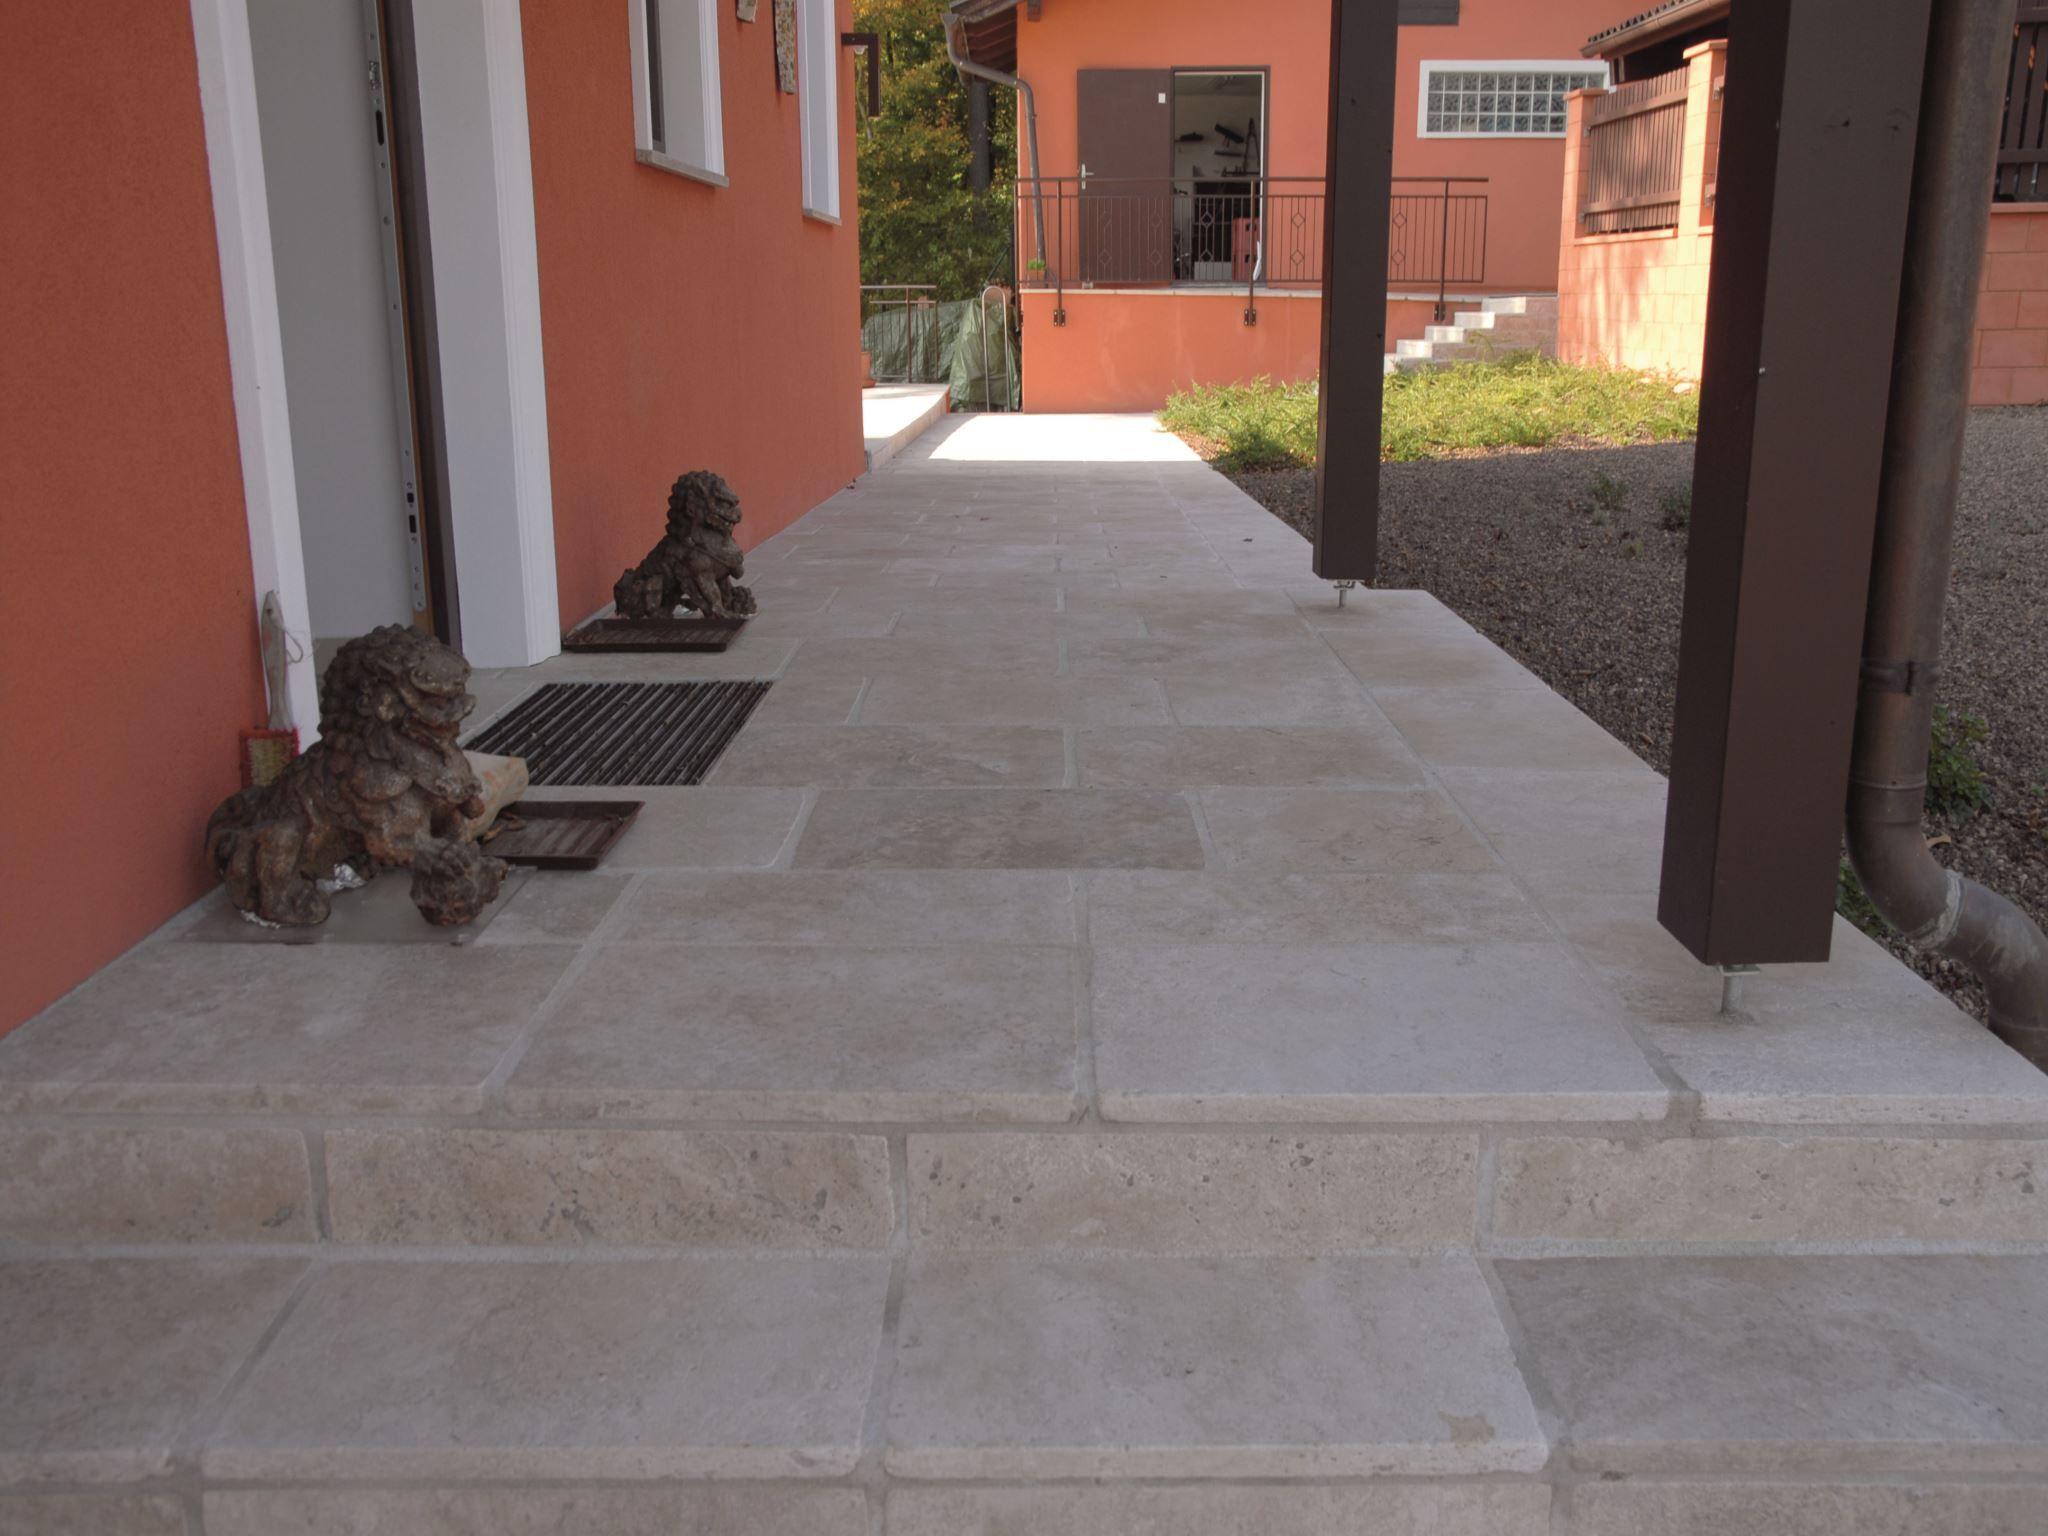 Produkte Nach Anwendung Suchen Stein Co Haus Bodenbelag Naturstein Terrasse Bodenplatten